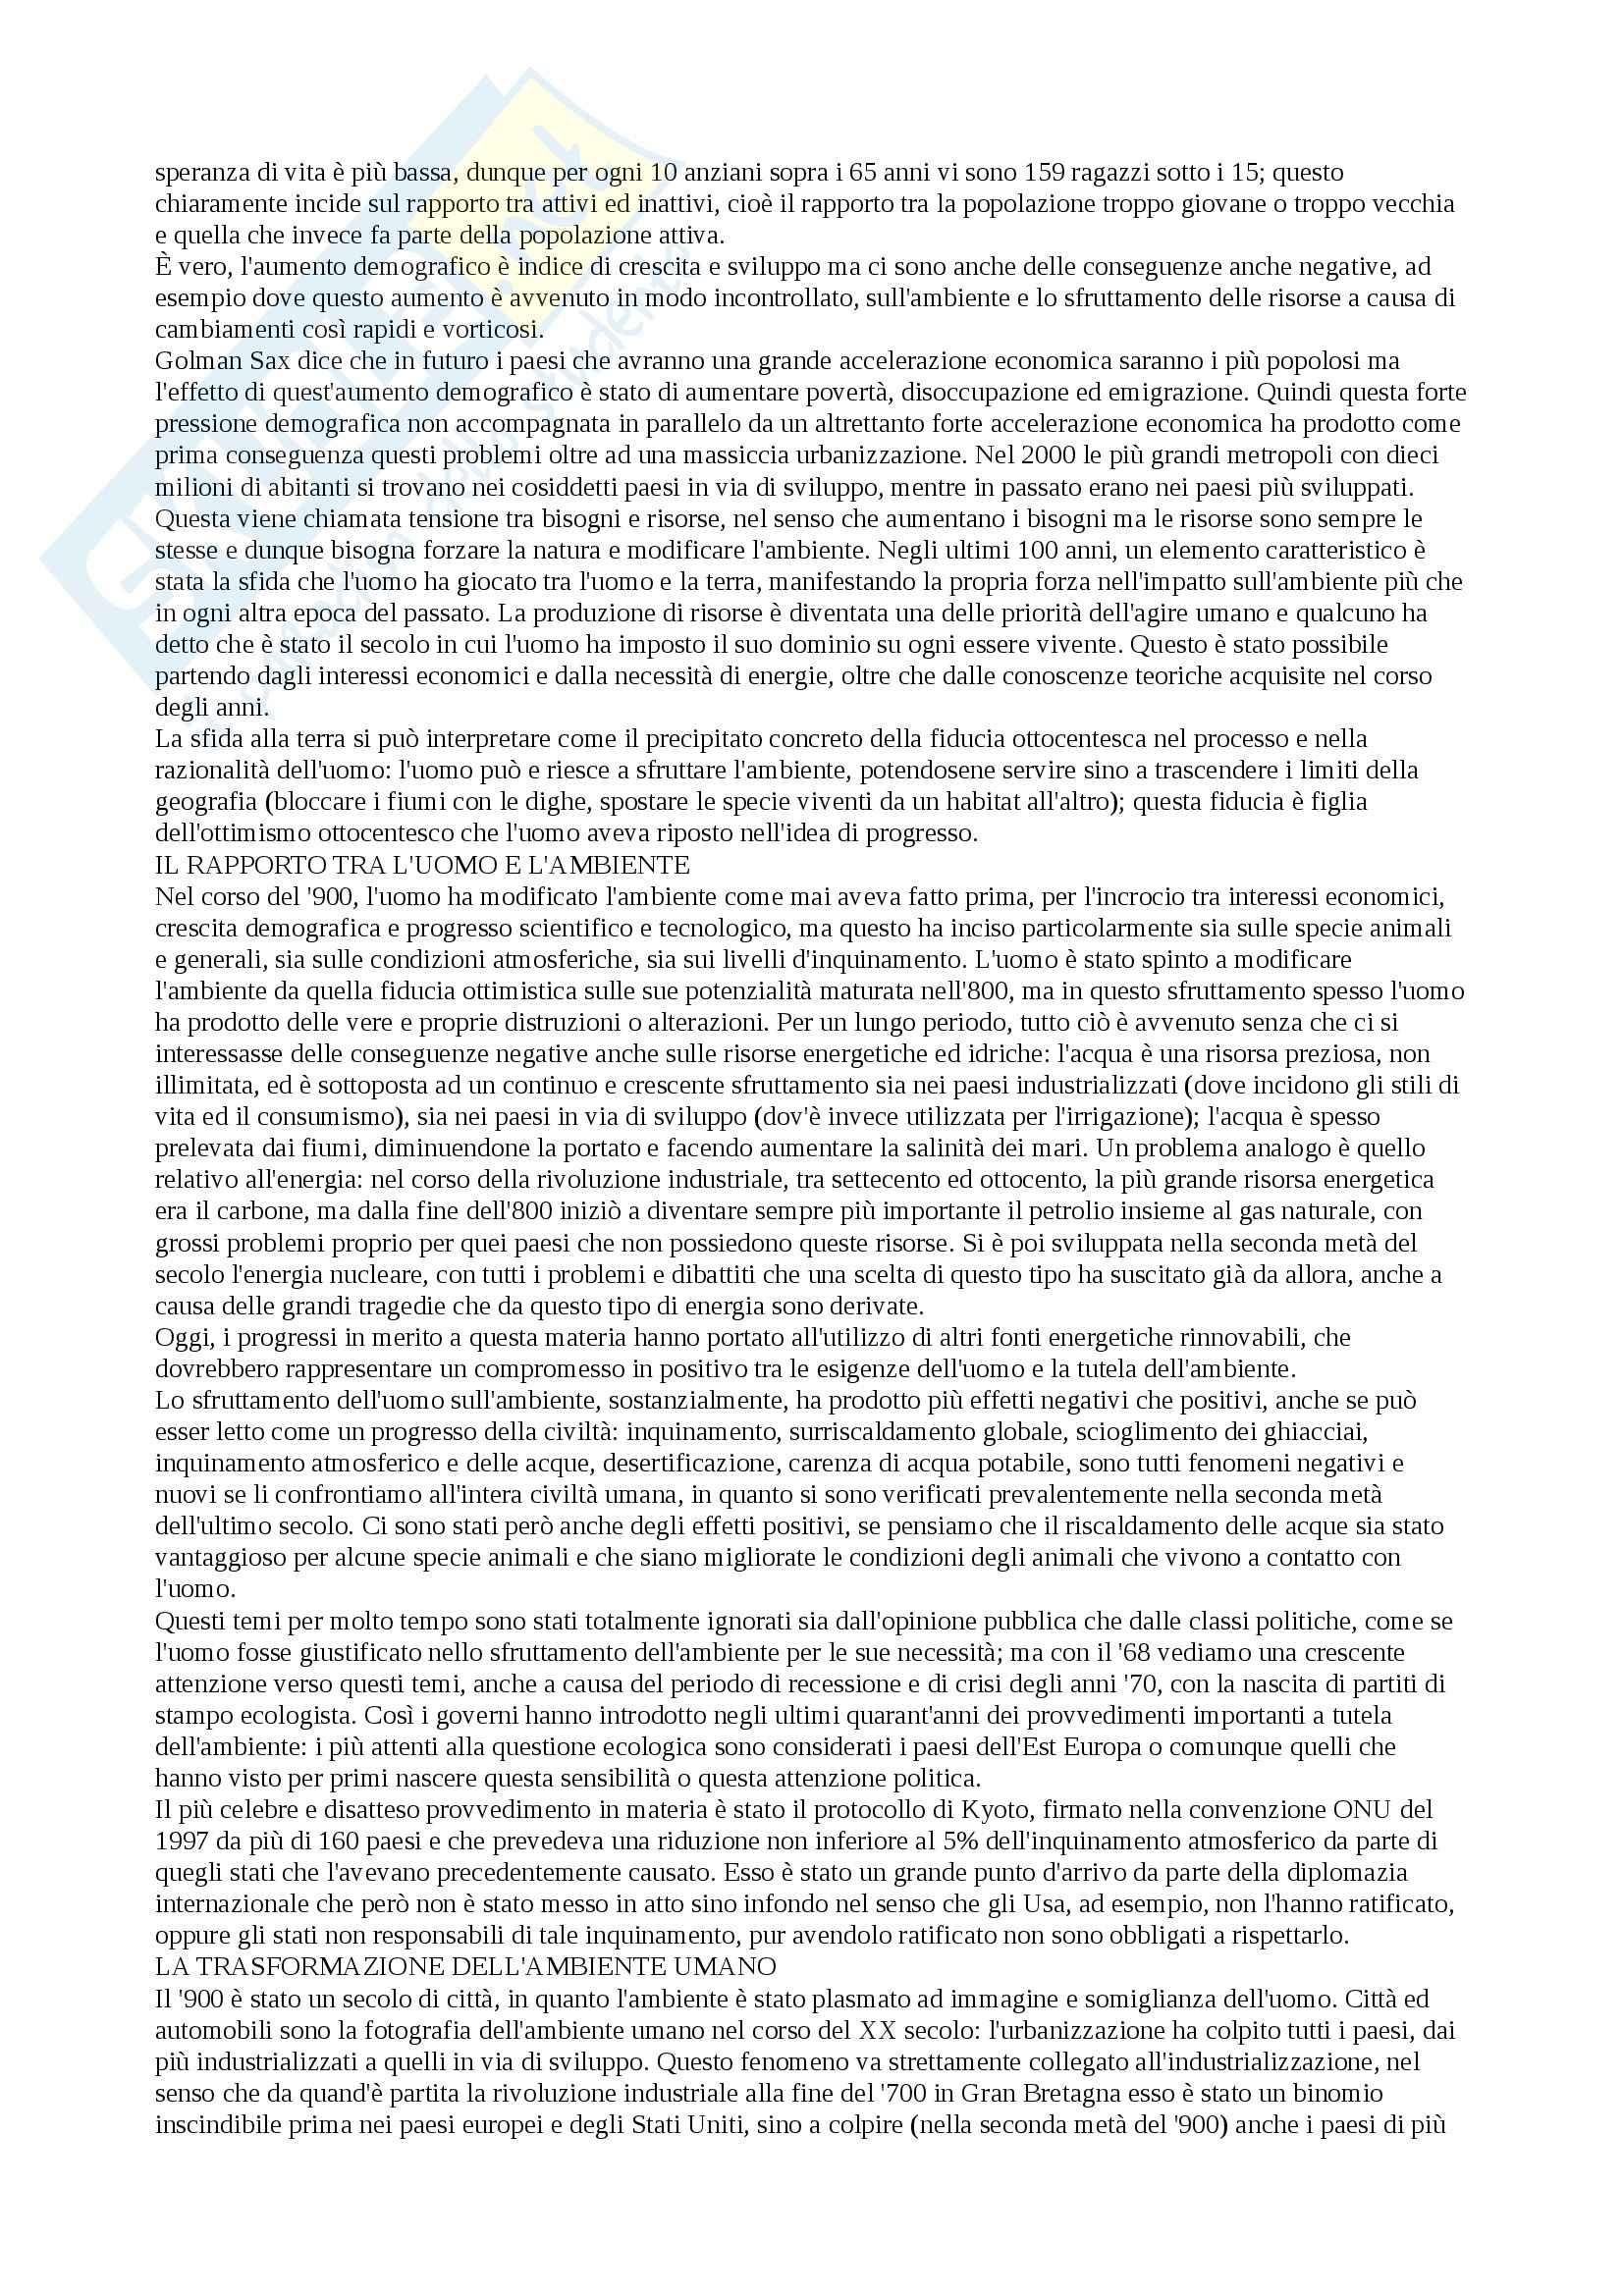 Storia della società del XX secolo - Appunti Pag. 6